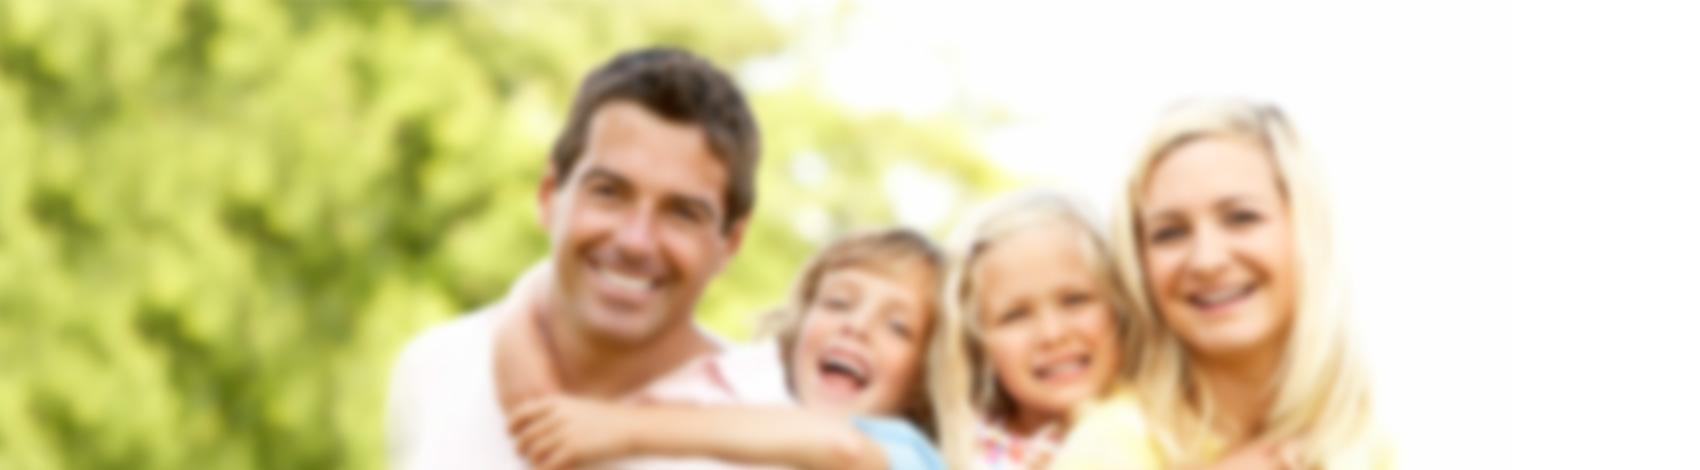 family-blur.a